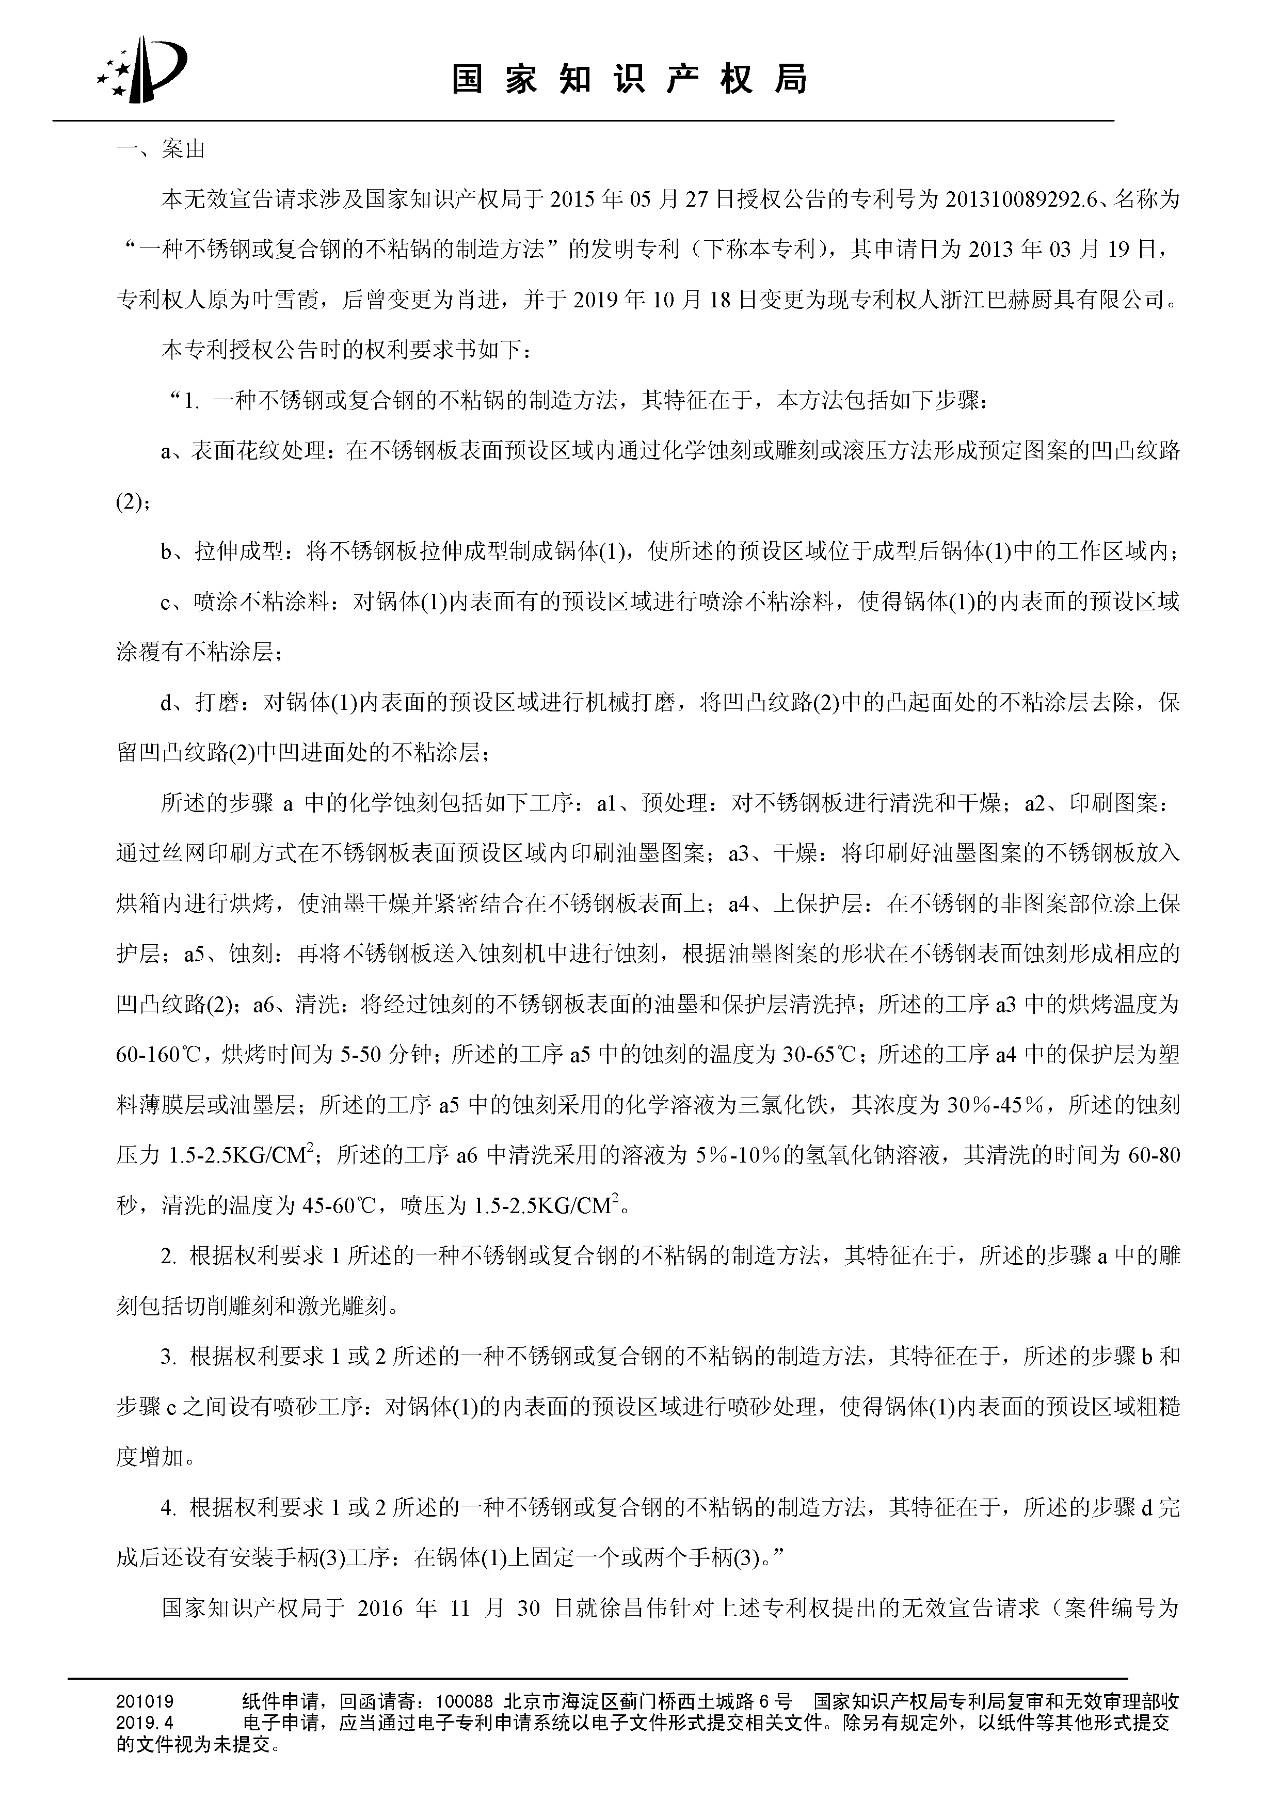 """索赔百亿的""""不粘锅专利""""被部分无效(附:决定书全文)"""